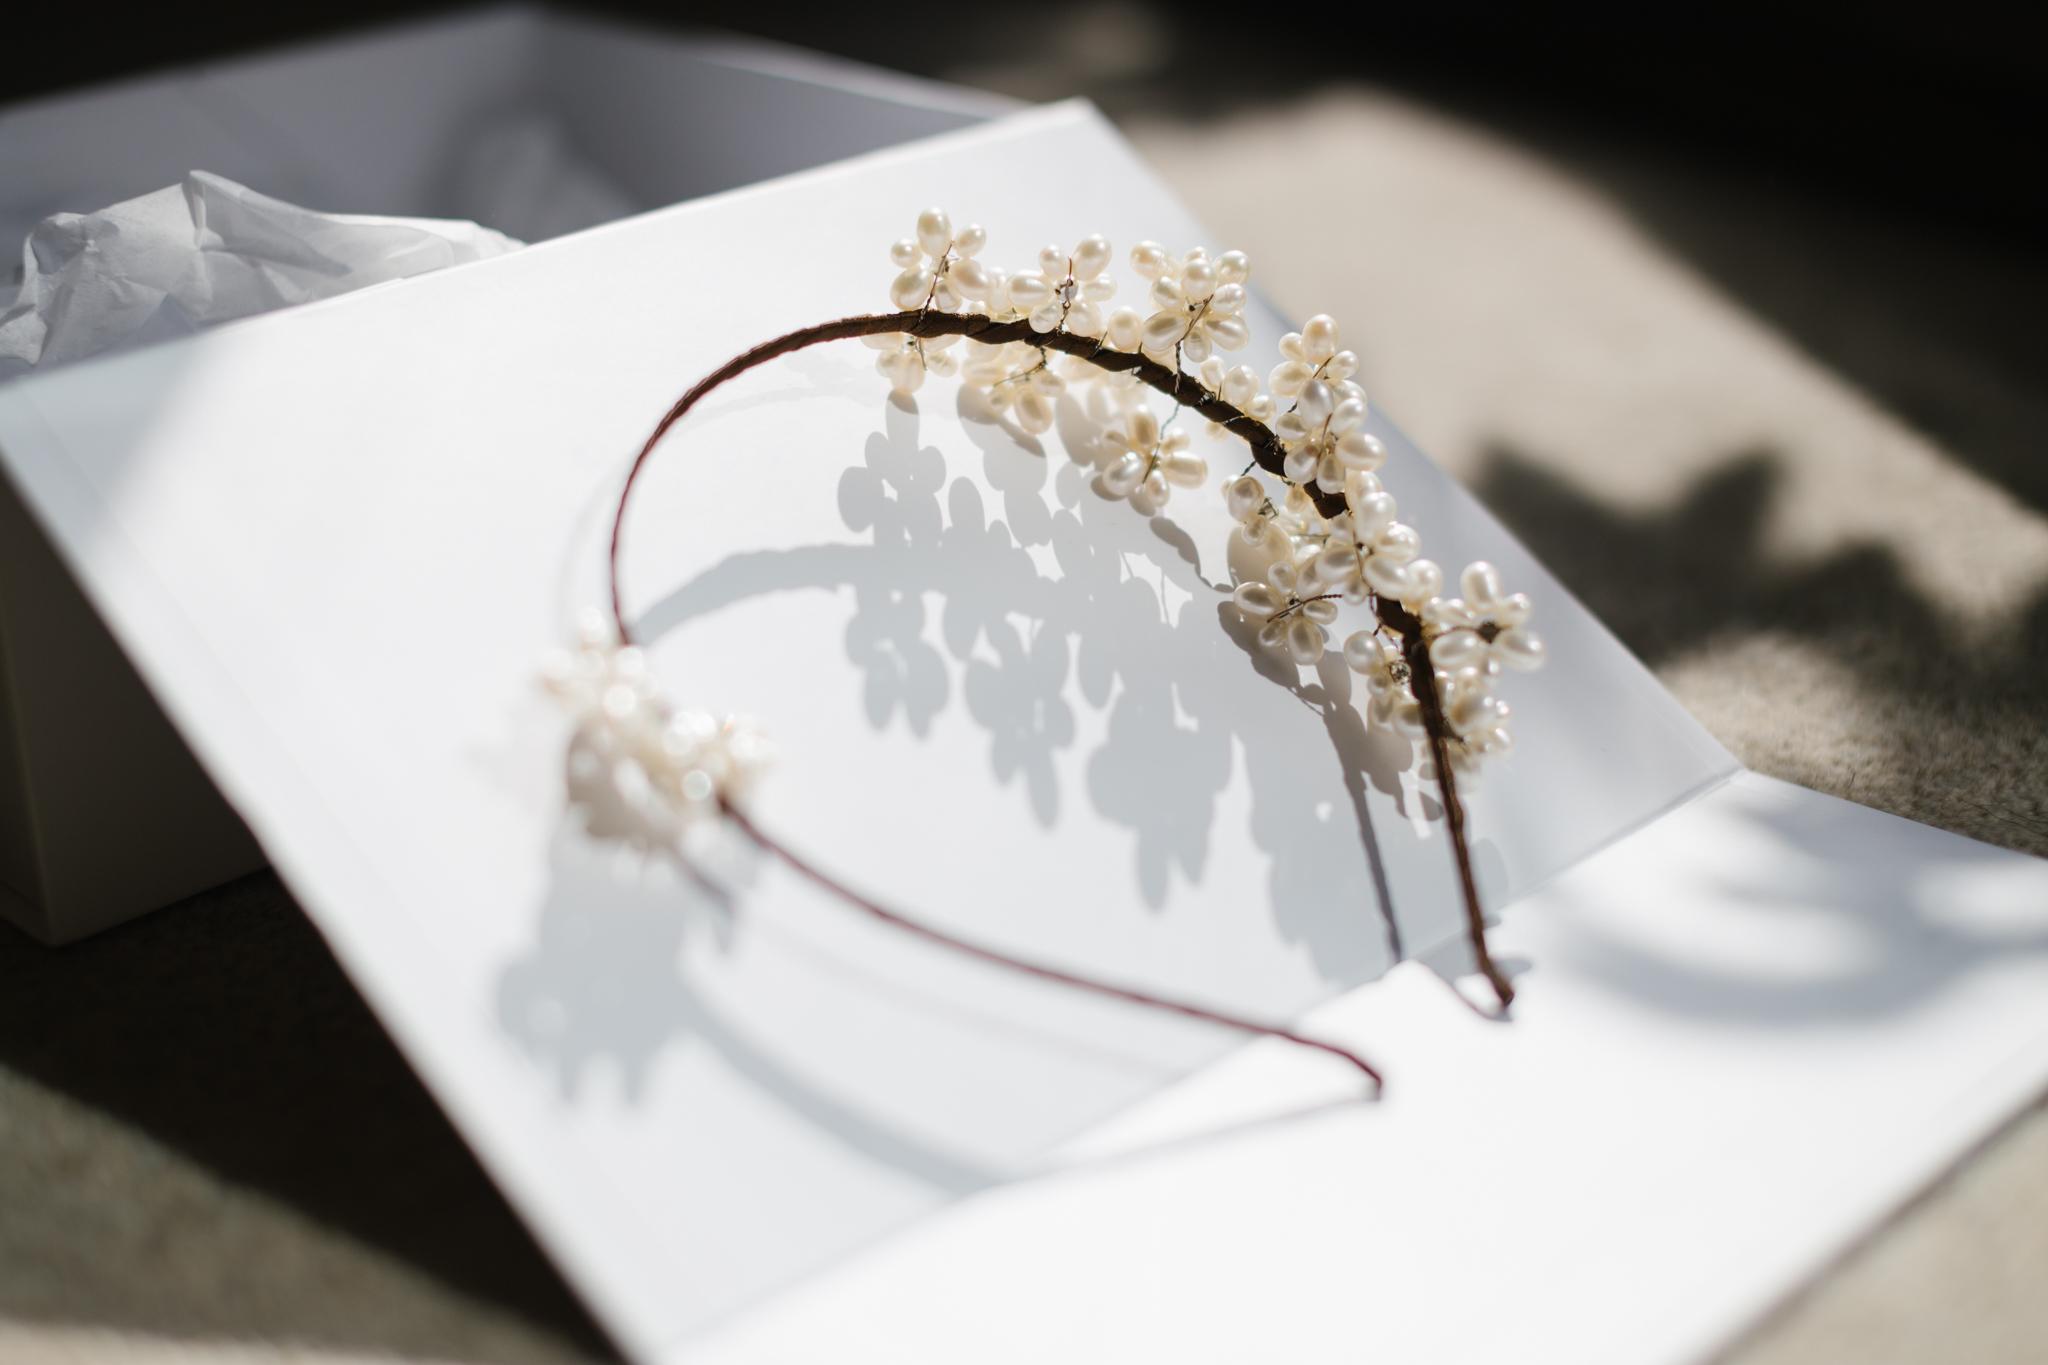 Simon_Rawling_Wedding_Photography-7.jpg